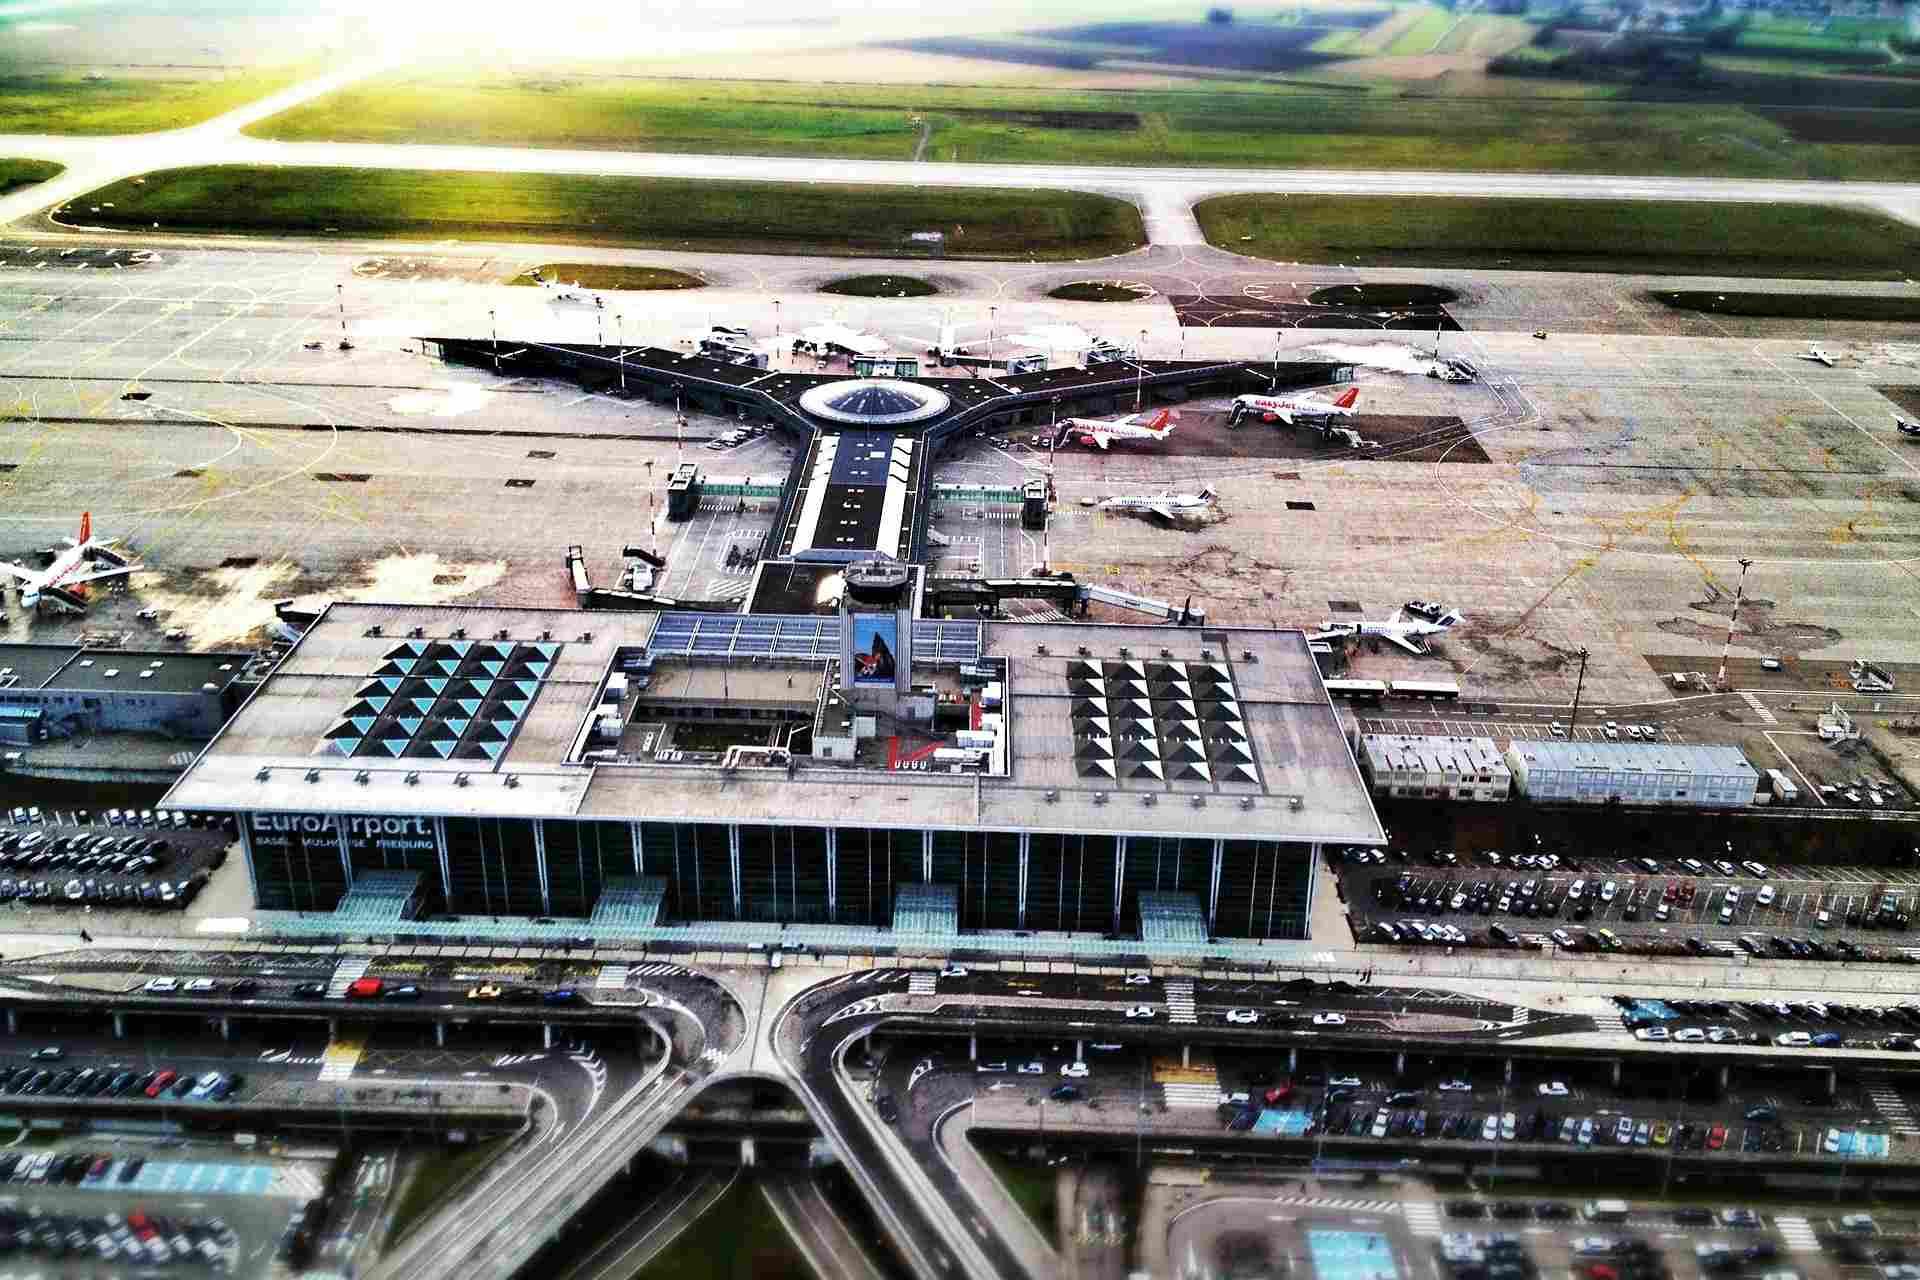 Flughafen Basel-Mühlhausen Terminal aus der Luft